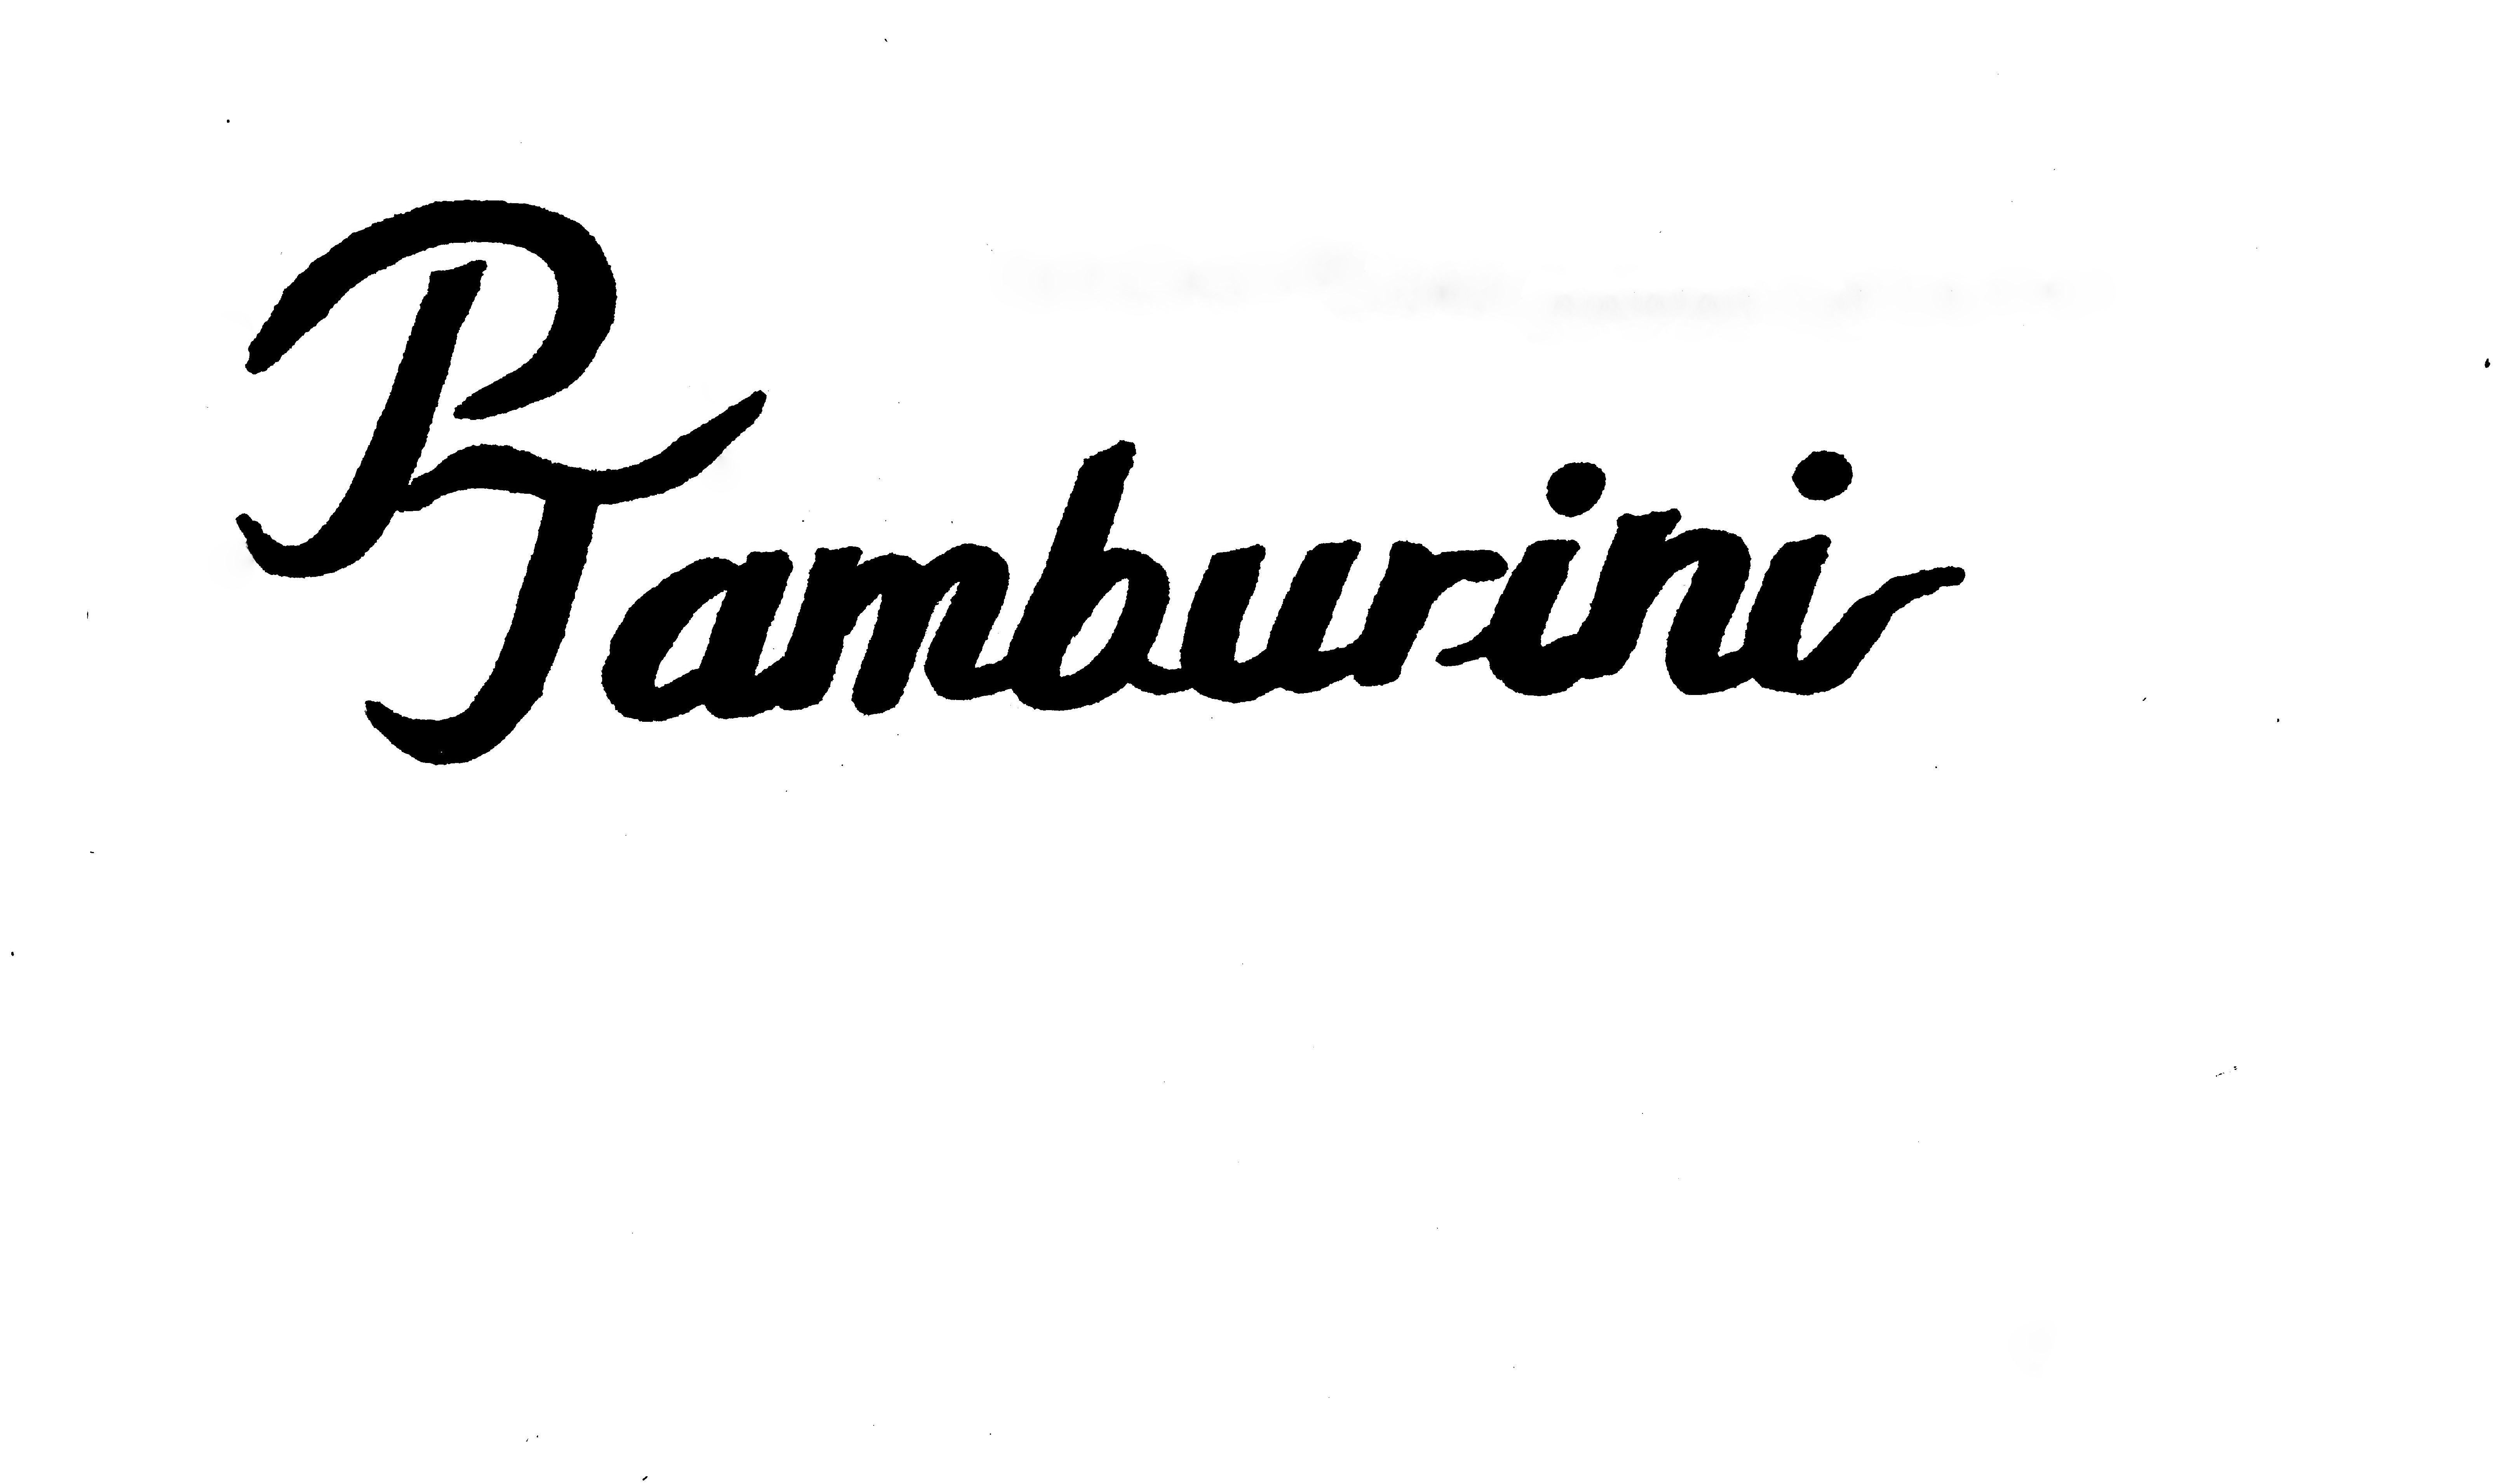 Patricia Tamburini's Signature